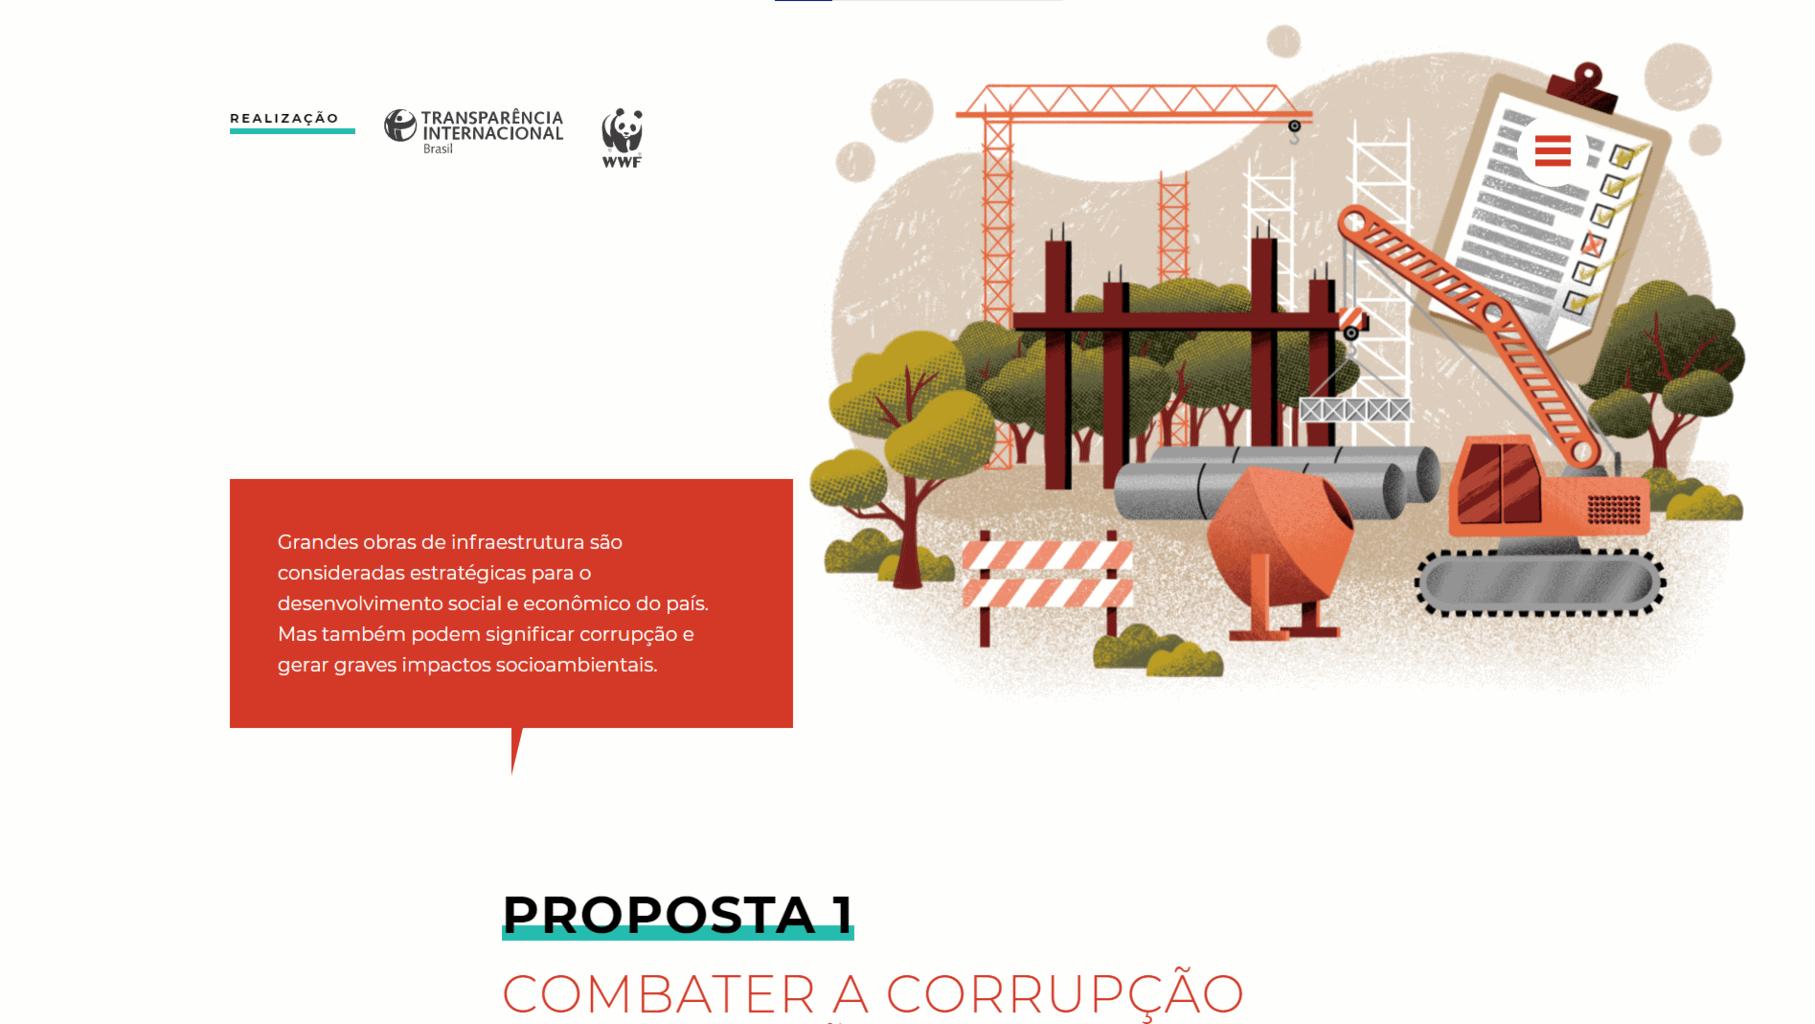 Captura de tela da página de propostas do site Amazônia sem Corrupção.